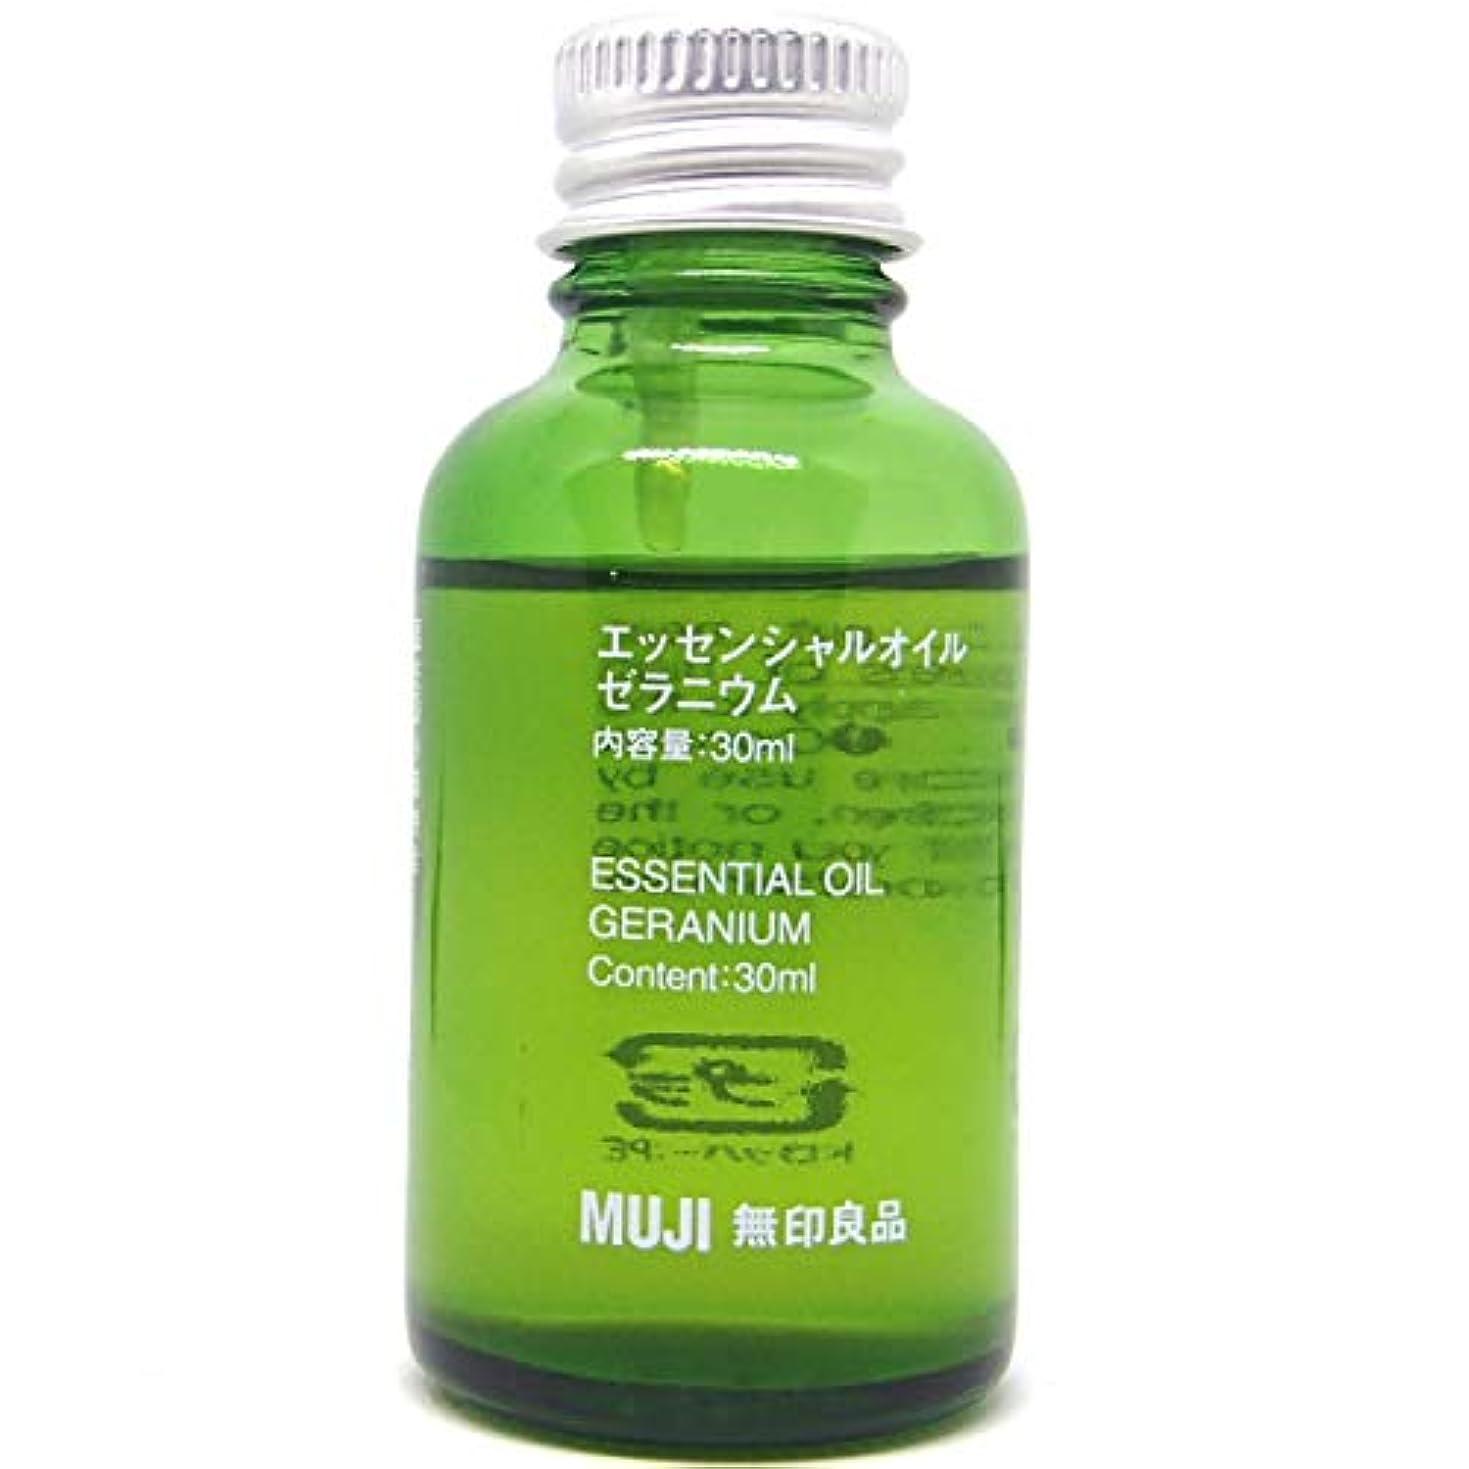 セージりんご専制【無印良品】エッセンシャルオイル30ml(ゼラニウム)